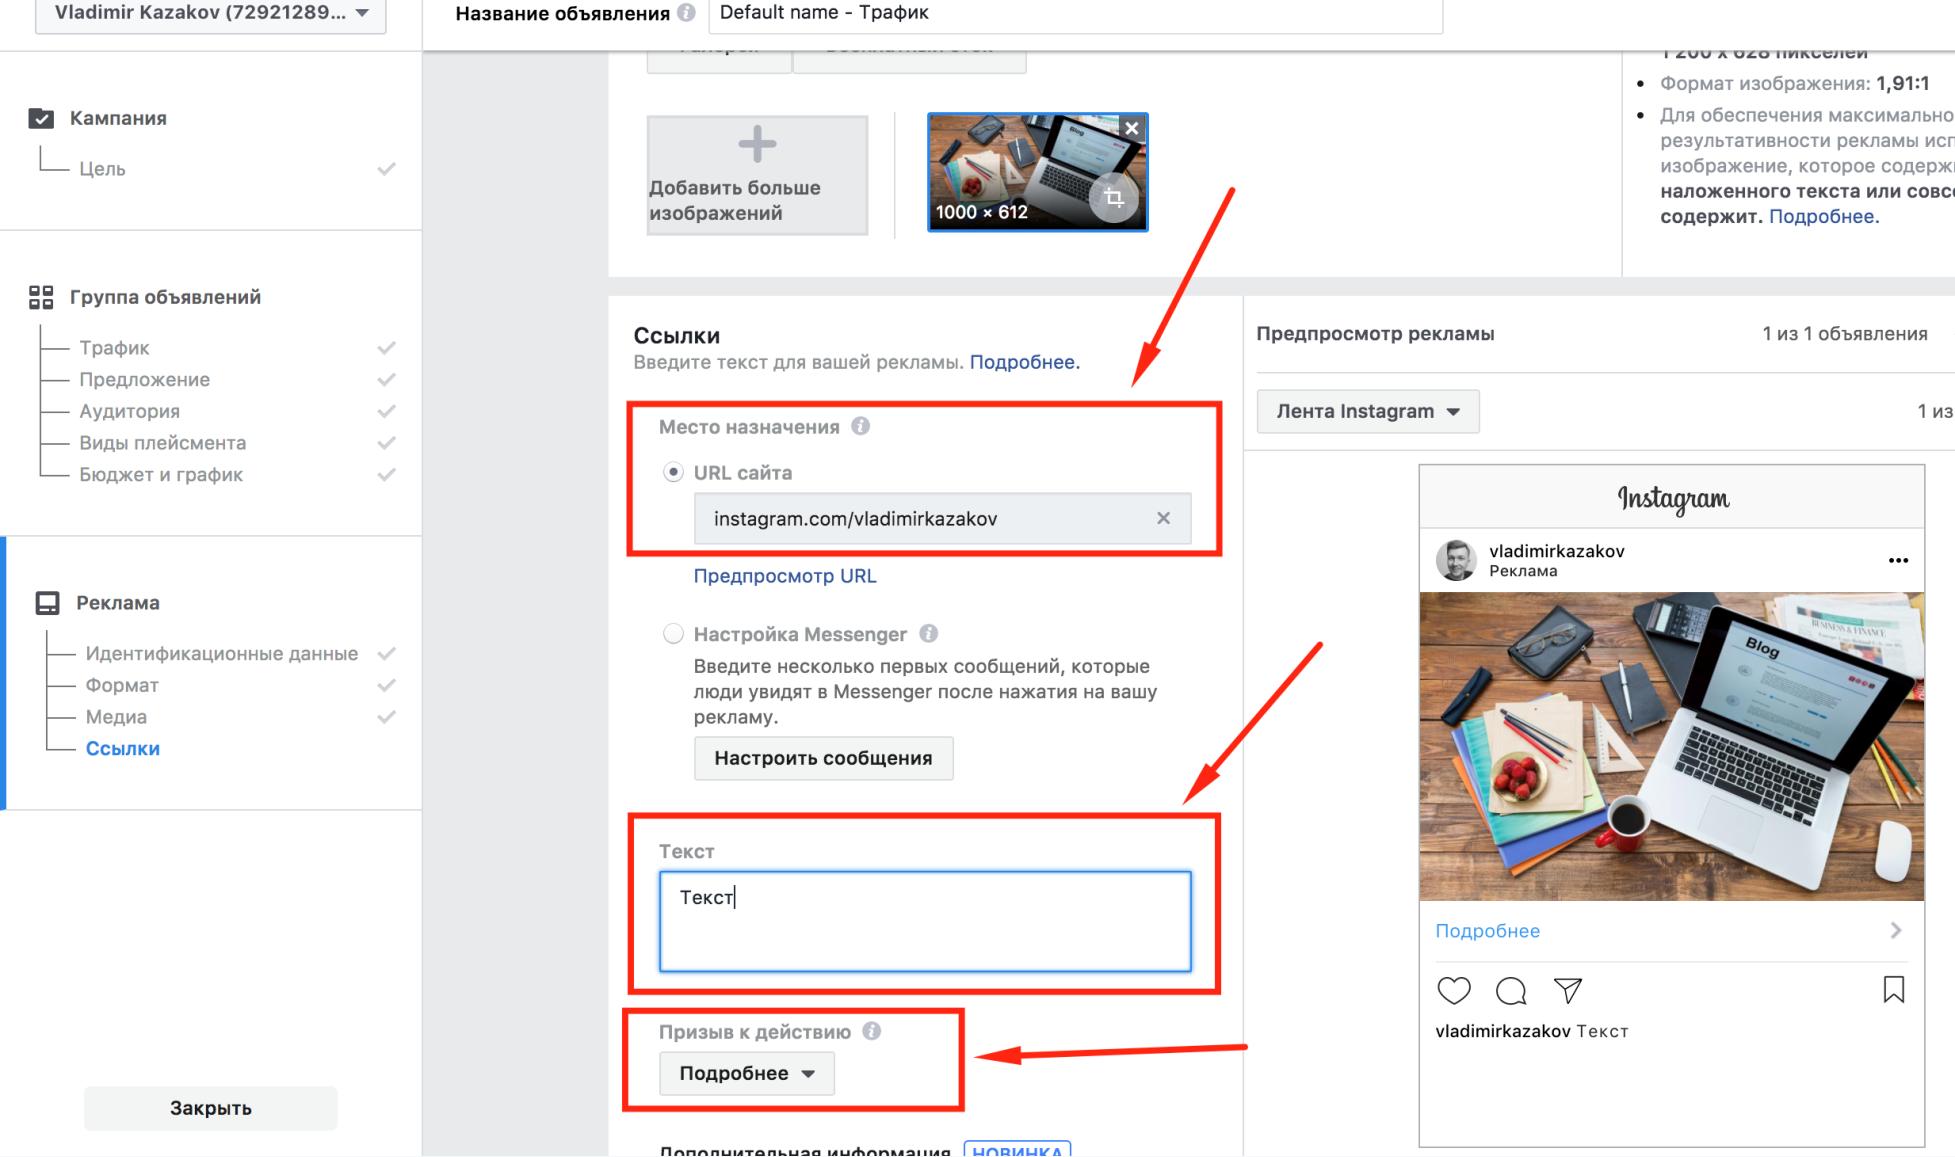 запуск рекламы и ее настройка в инстаграм через ads manager